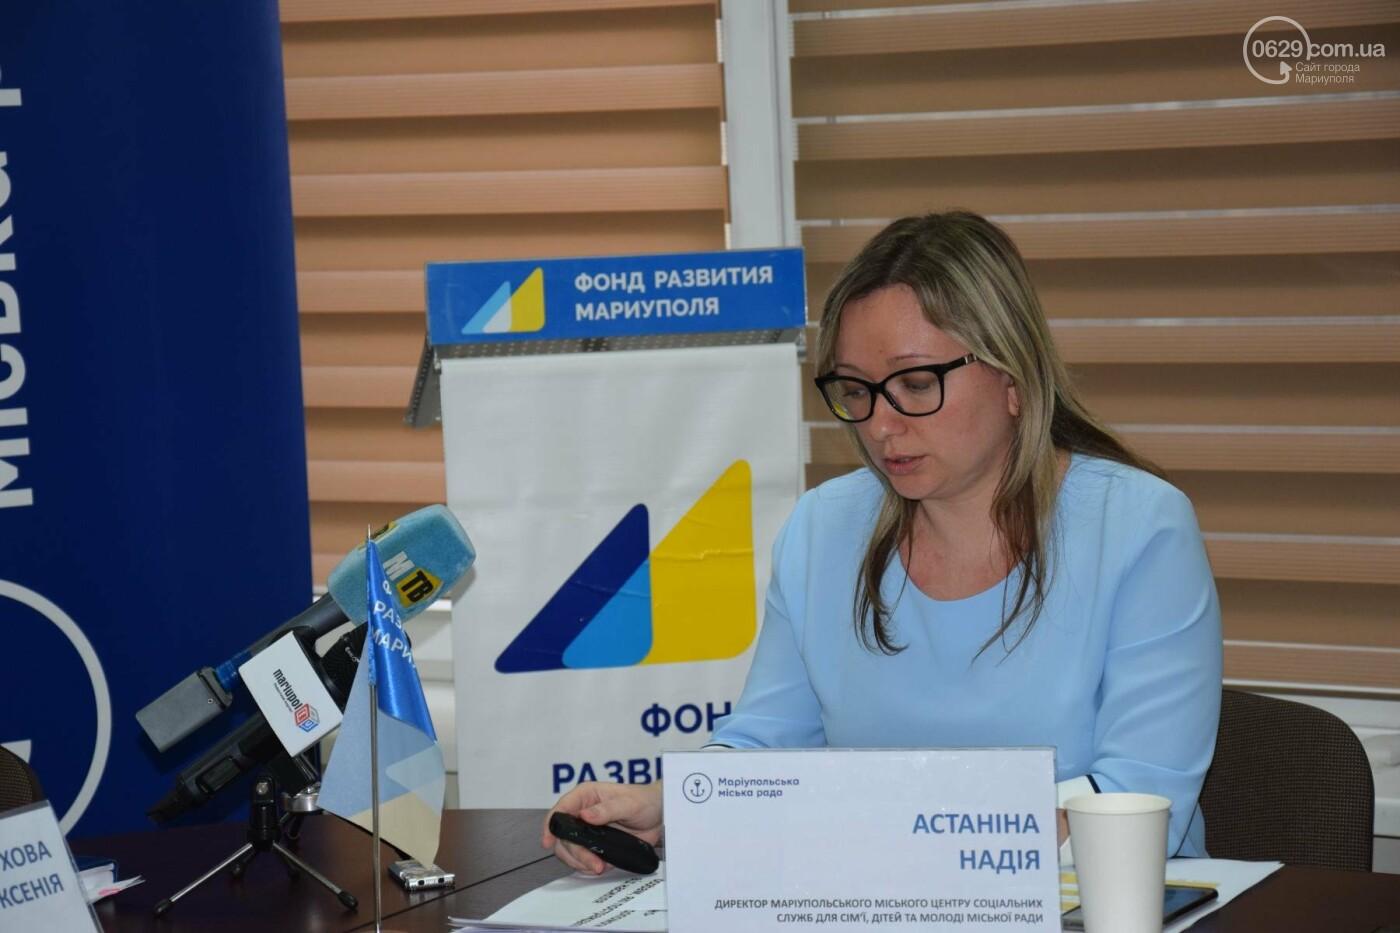 Презентация убежища в Мариуполе завершилась предложением о  воссоздании вытрезвителей (ФОТО, ВИДЕО), фото-11